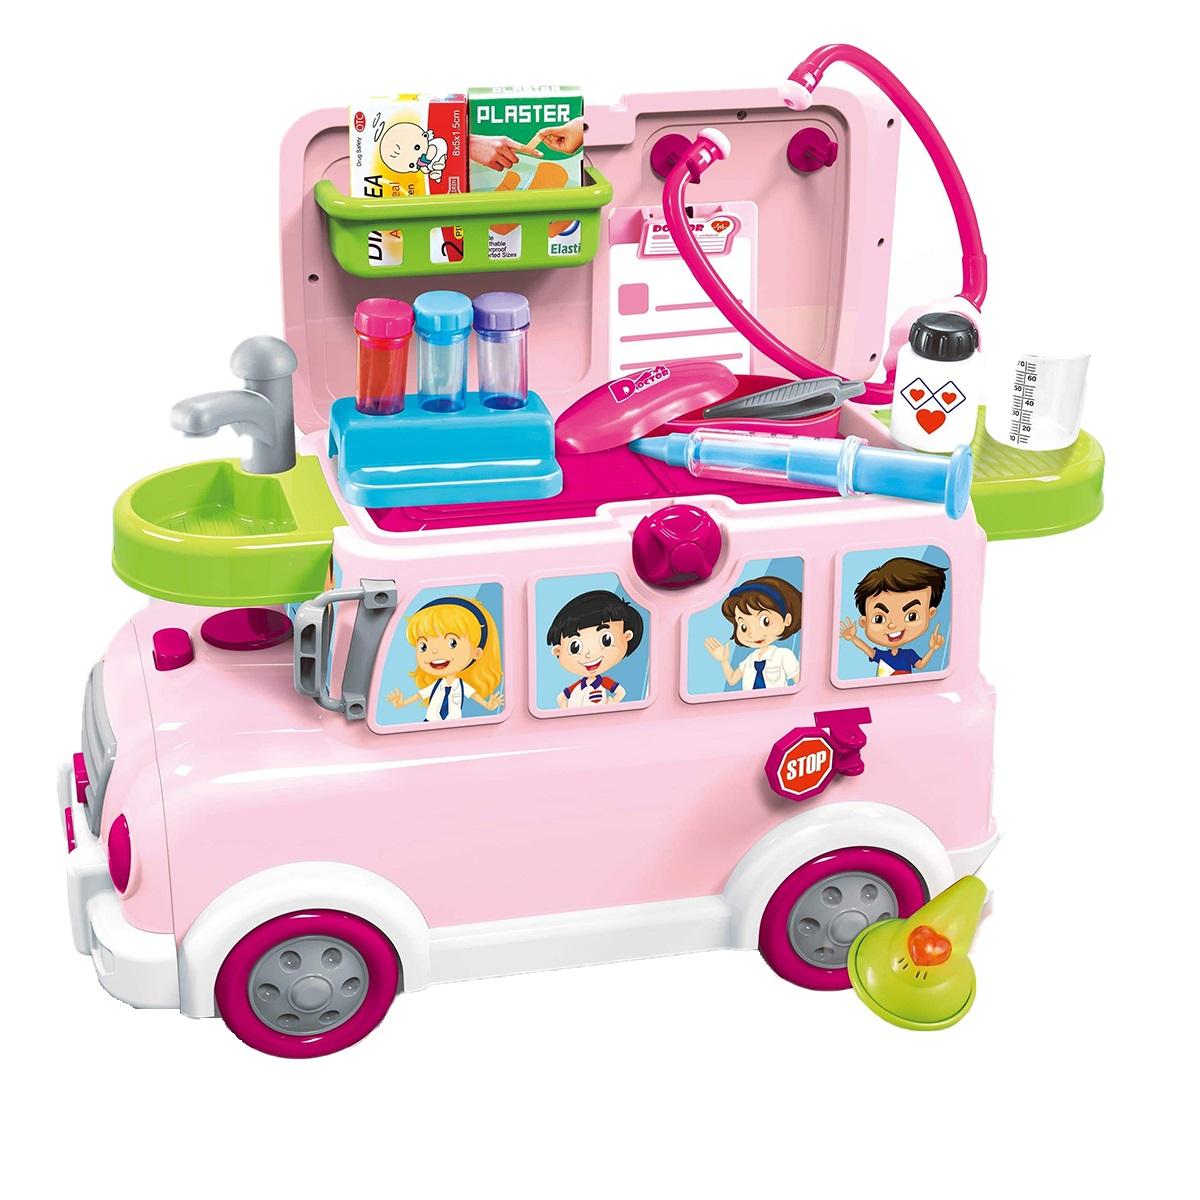 ست اسباب بازی تجهیزات پزشکی مدل اتوبوس شادی کد 068